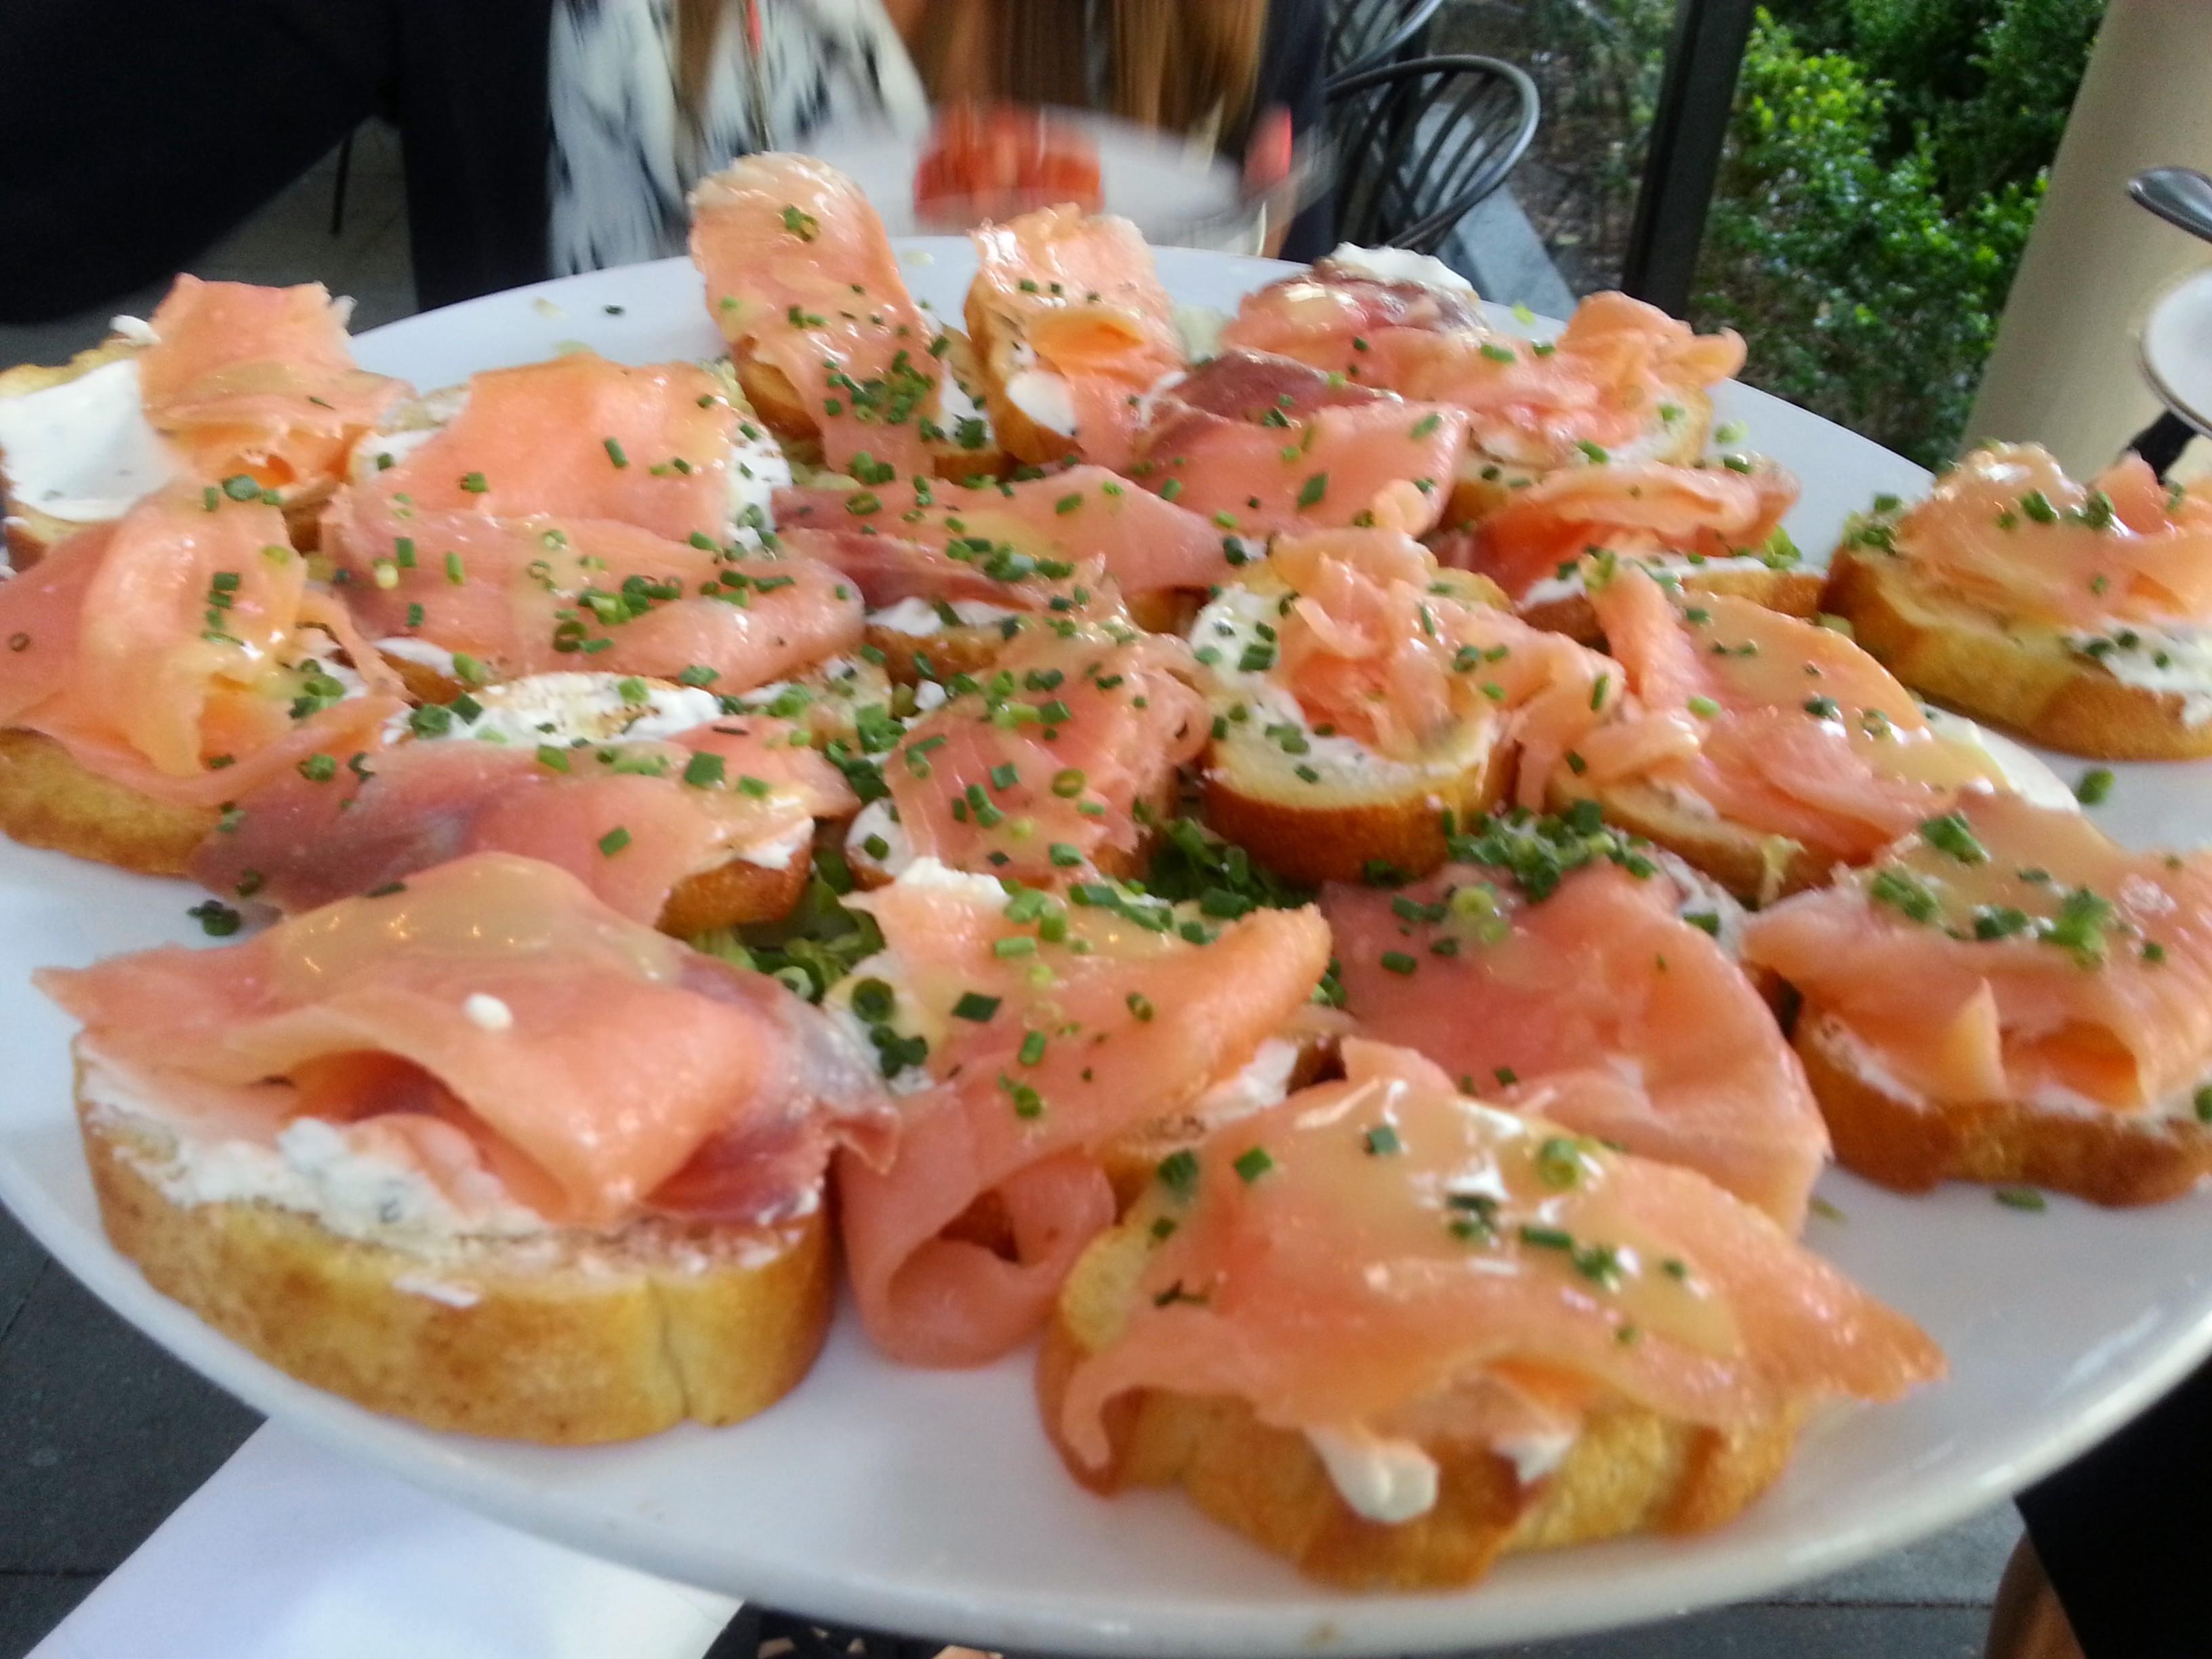 Prego Ristorante – Delicious Italian Food Where You are ...